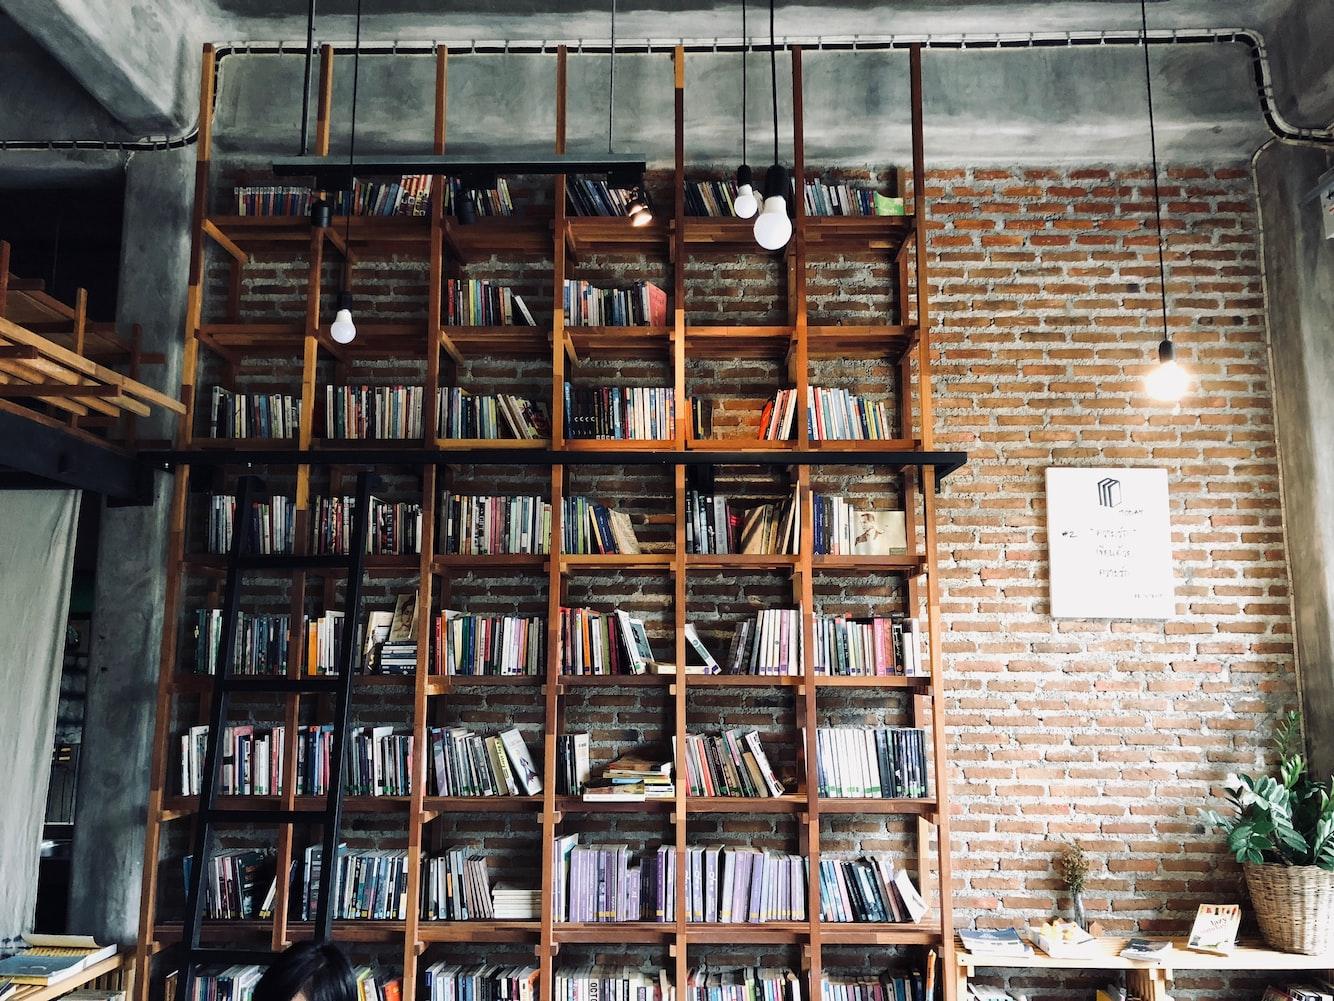 Bookshelf Zoom Backgrounds